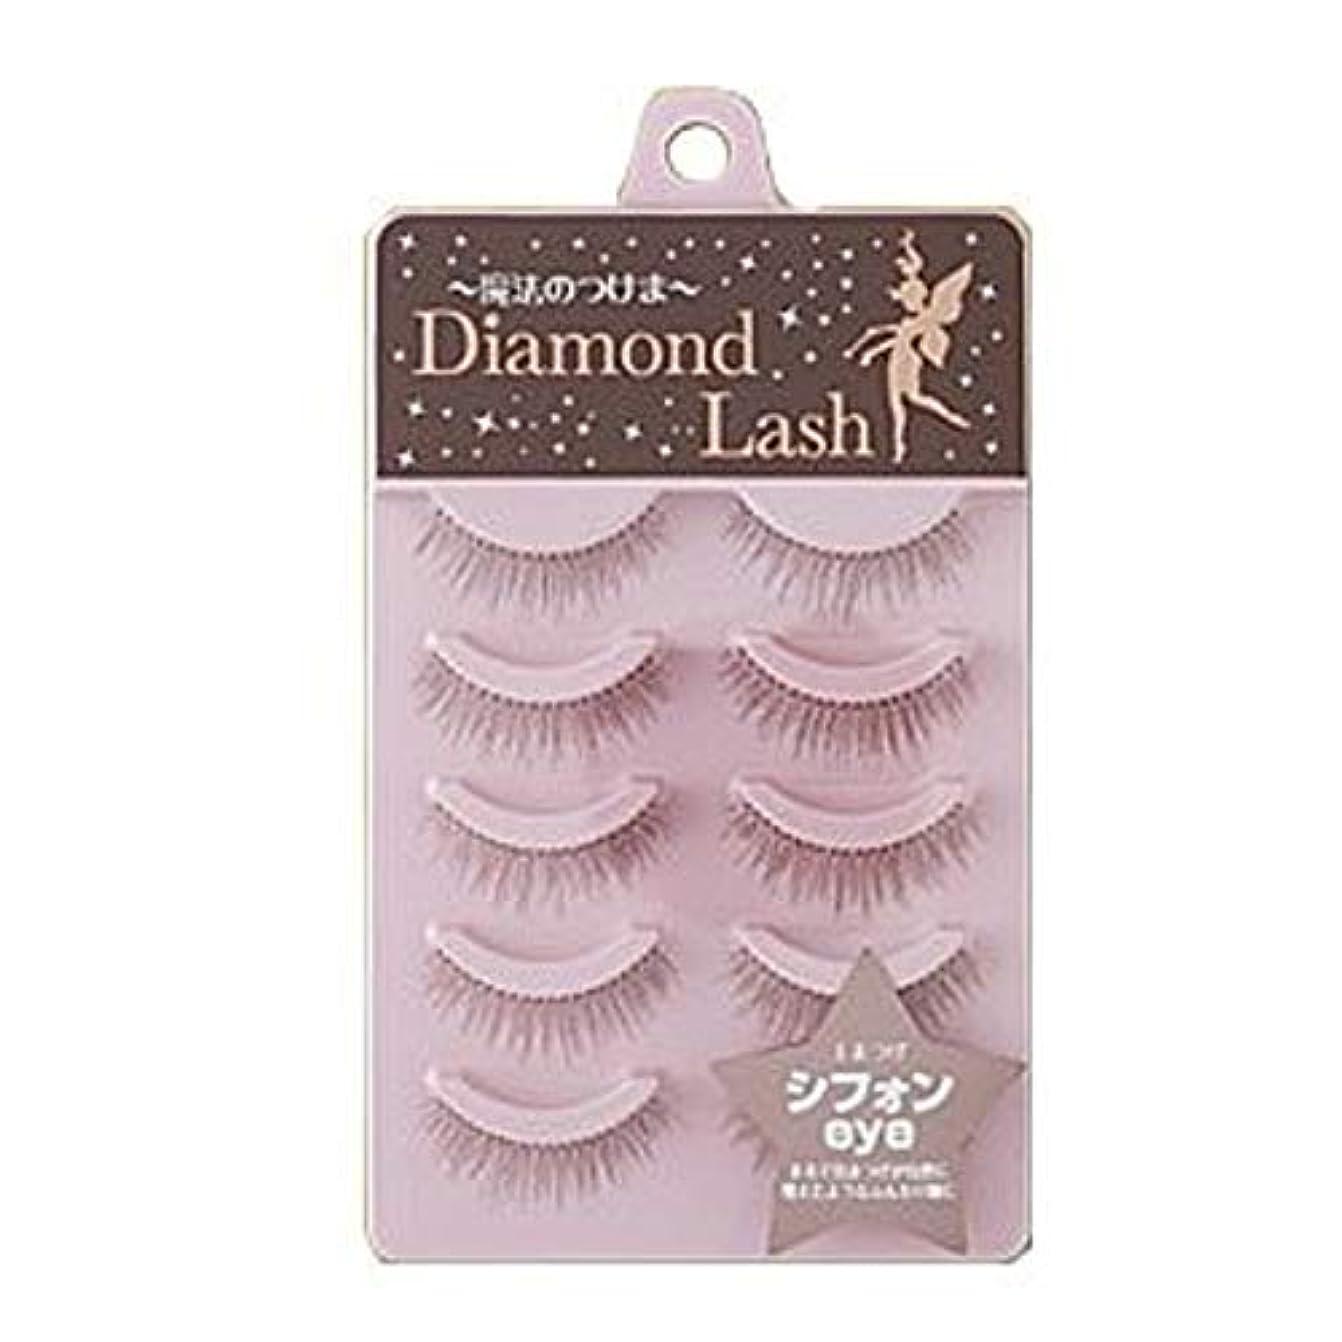 小さな免疫する月曜ダイヤモンドラッシュ Diamond Lash つけまつげ リッチブラウンシリーズ シフォンeye